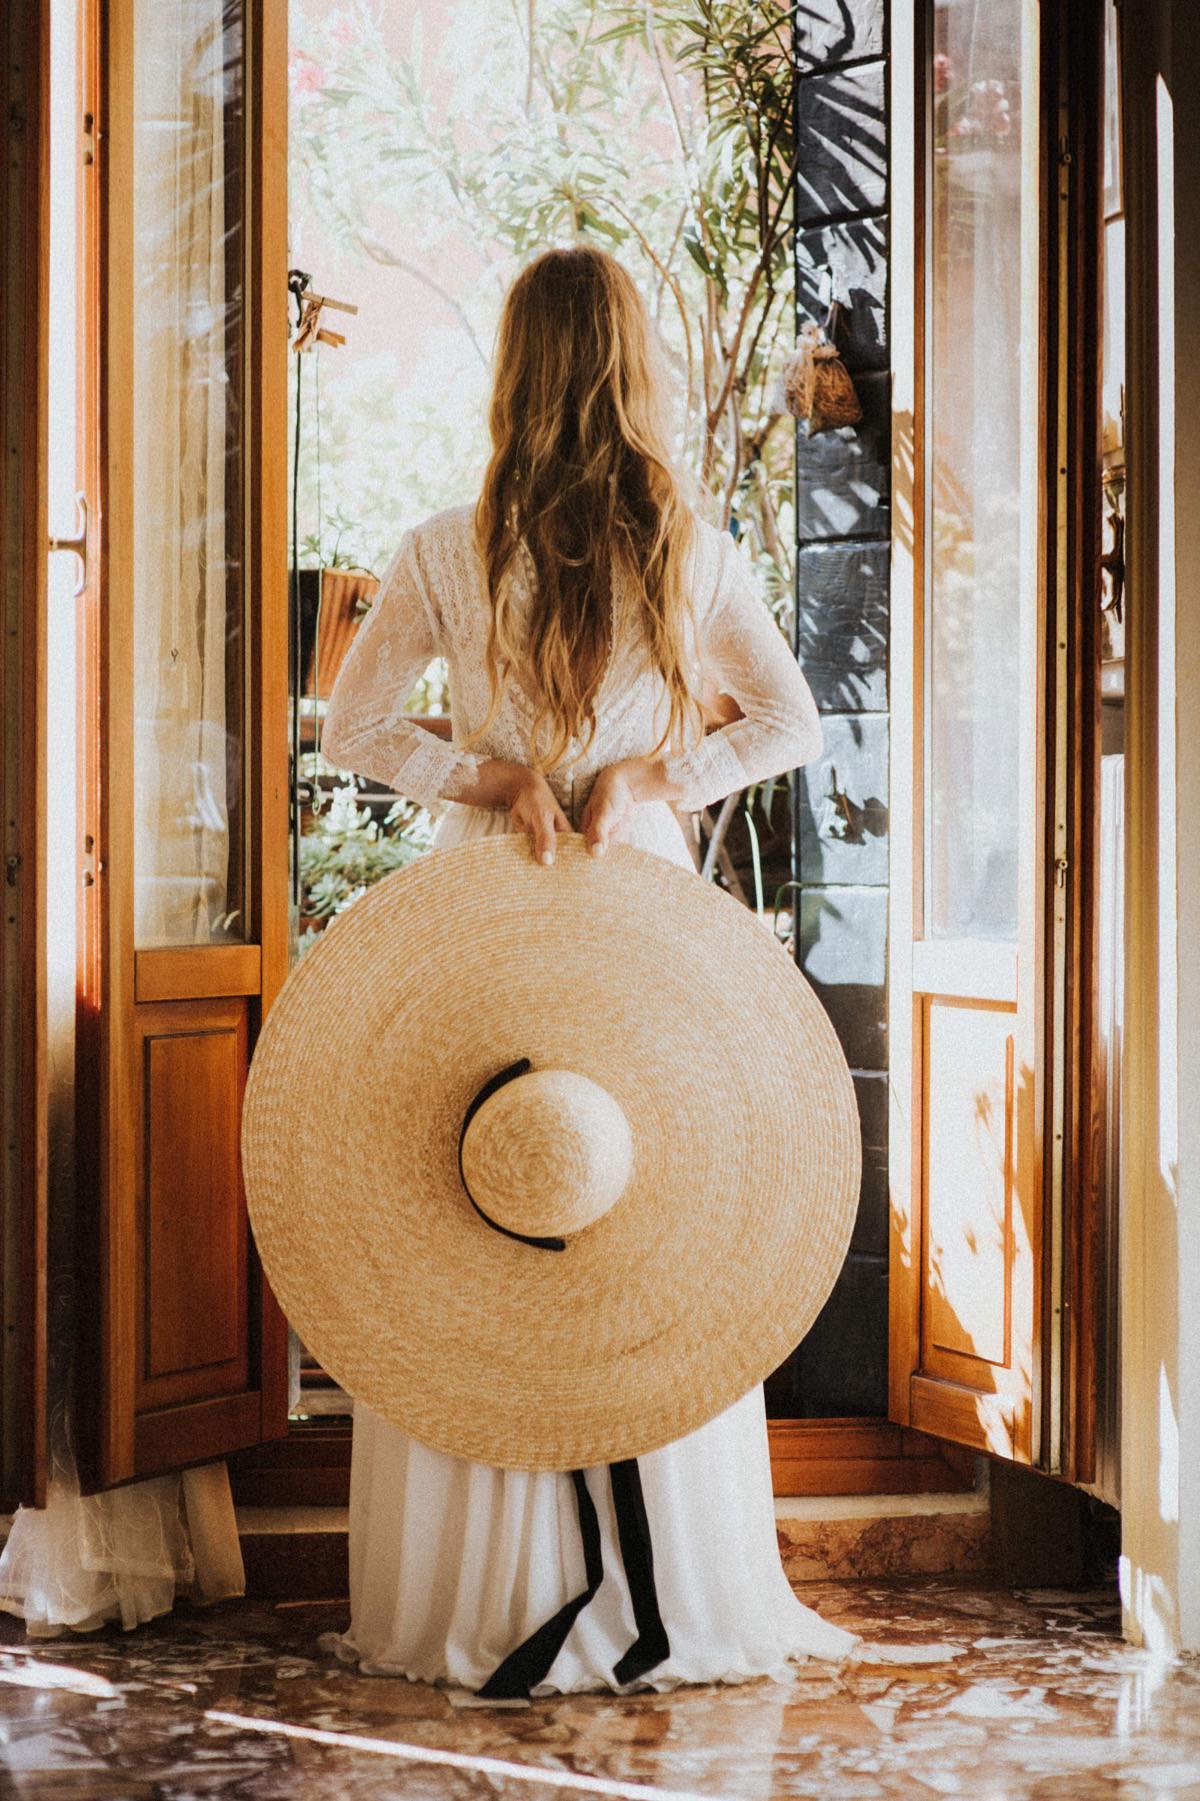 intymny ślub we Włoszech, sesja ślubna z kapeluszem